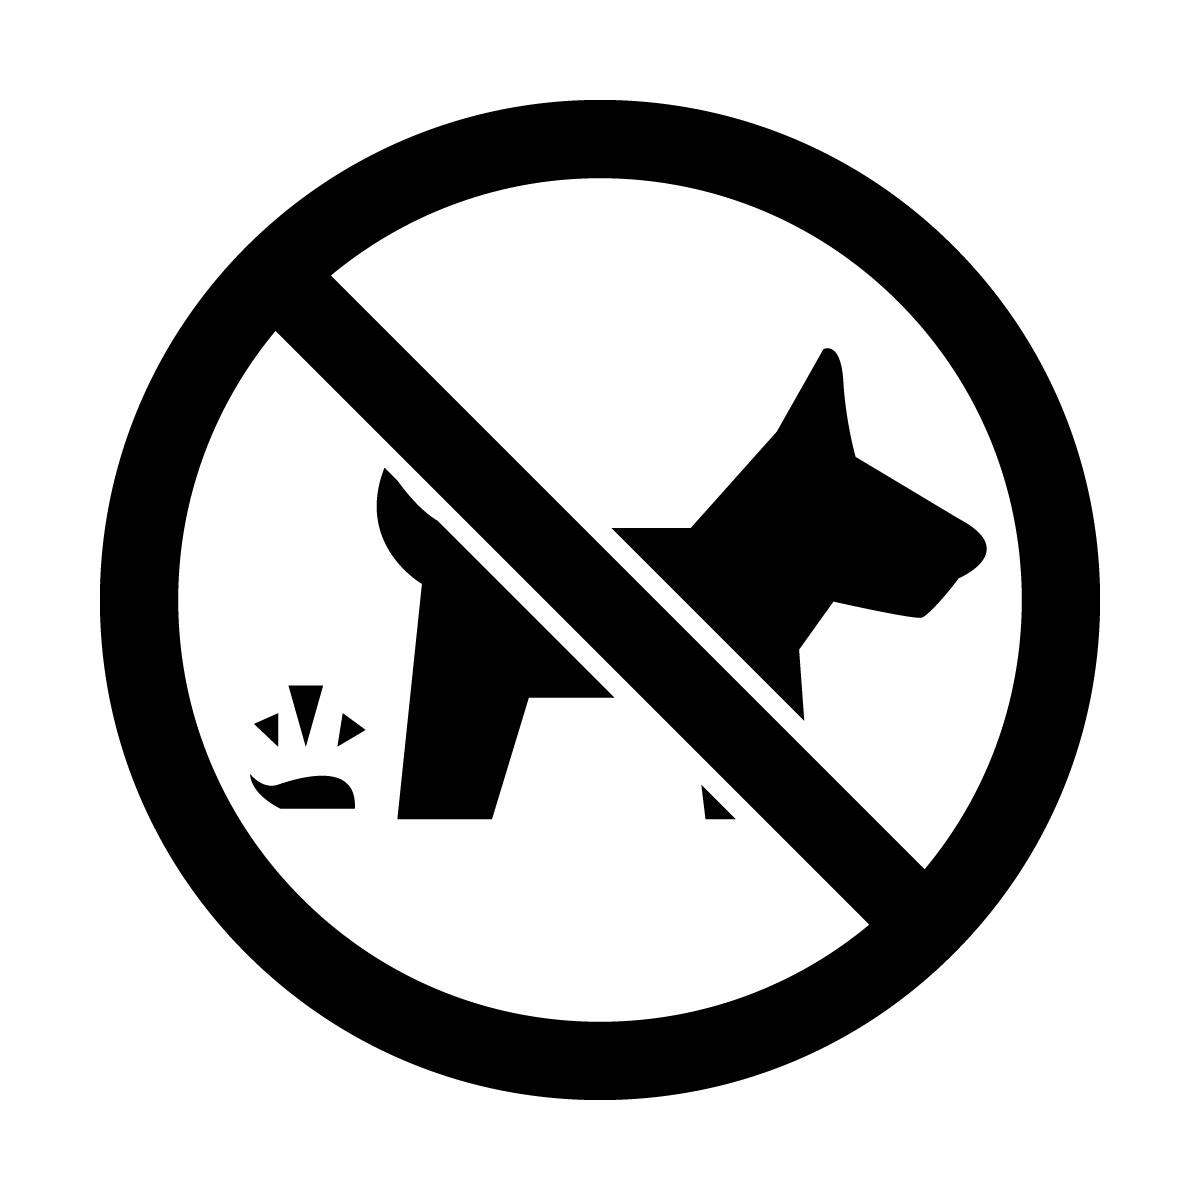 黒色のペットのフンの放置禁止のカッティングステッカーシール